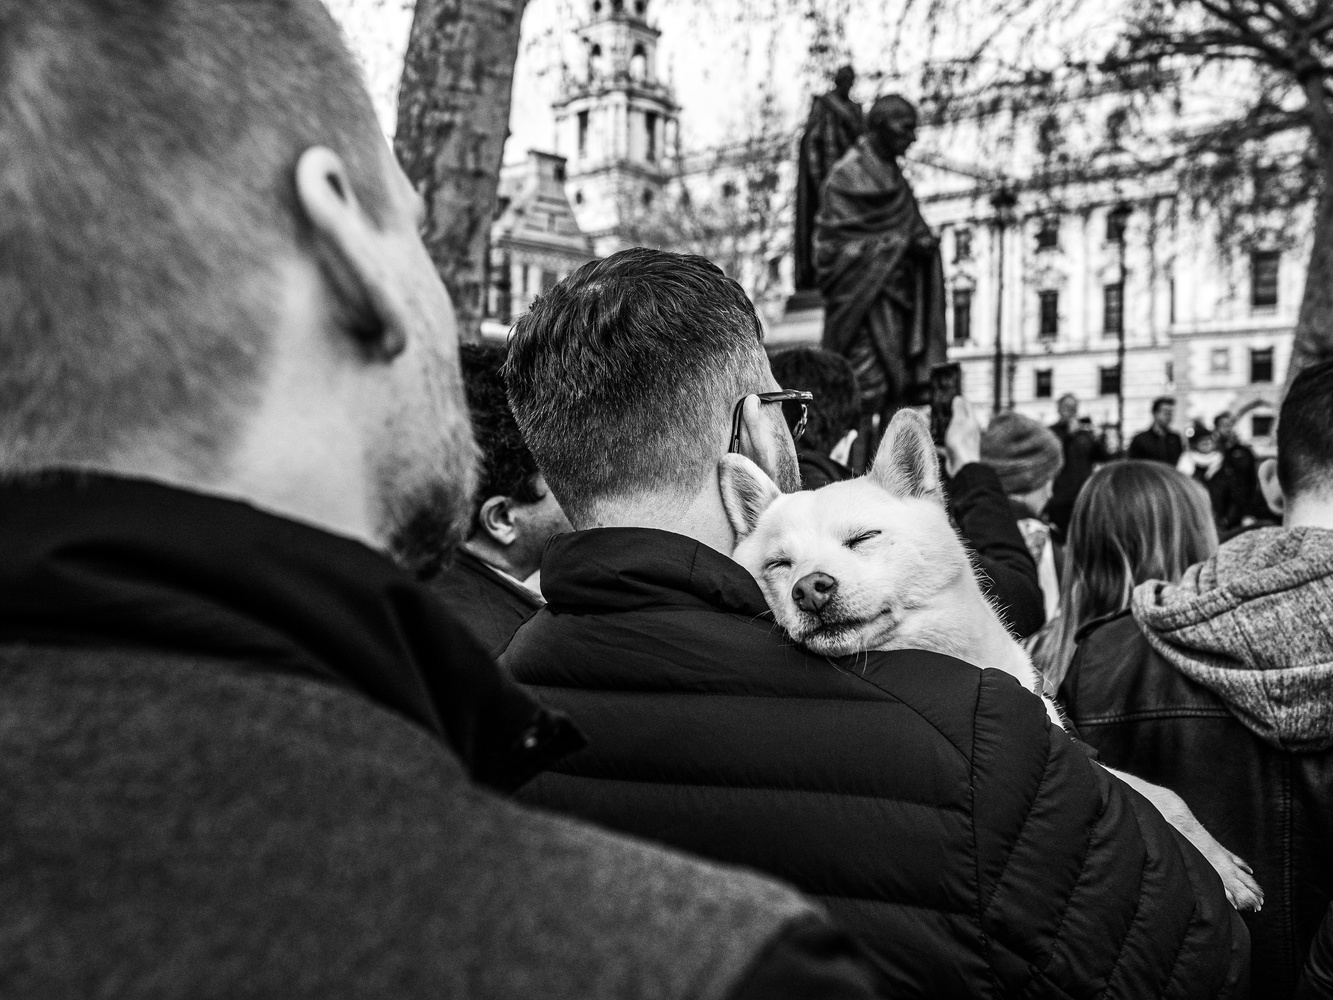 In the crowd by Tomasz Kowalski